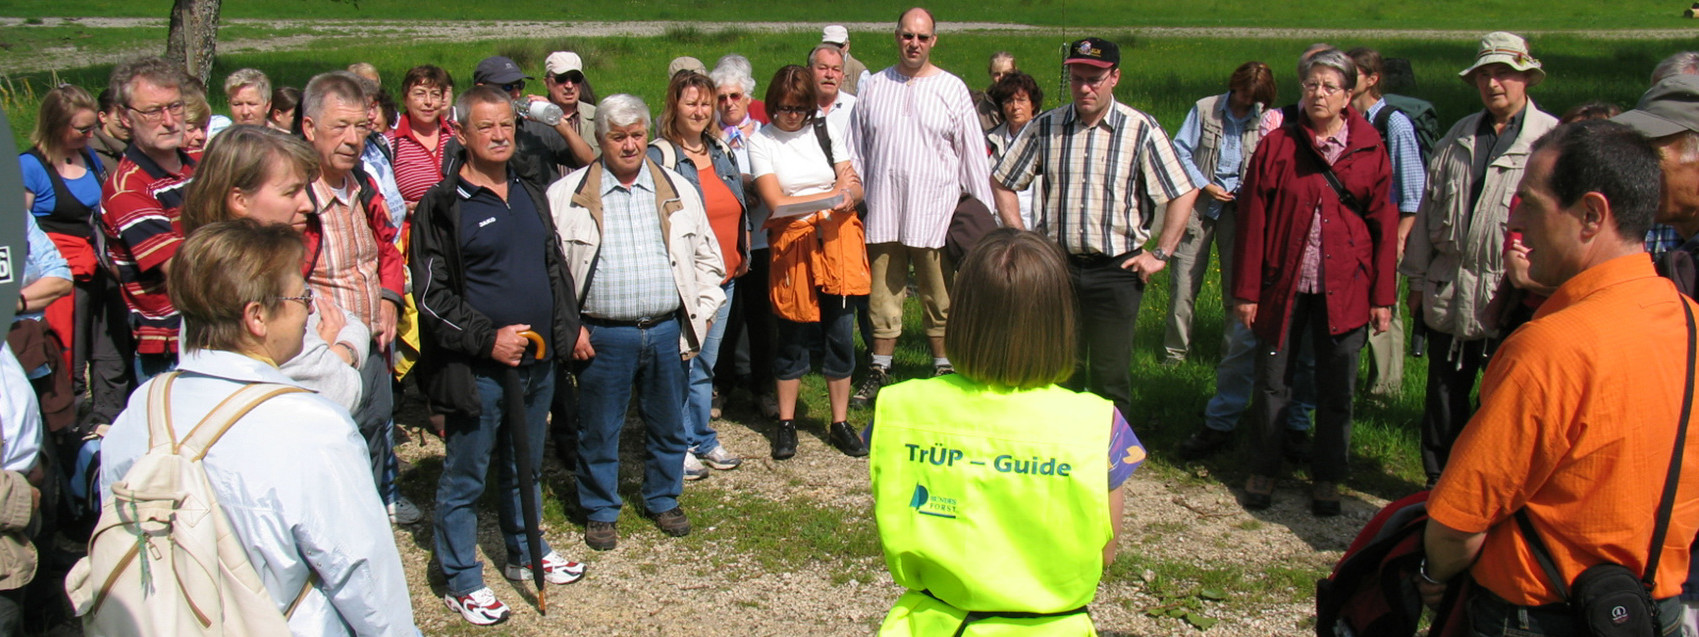 Die Münsinger Trüp-Guides machen Führungen auf dem ehemaligen Truppenübungsplatz im Biosphärengebiet Schwäbische Alb.